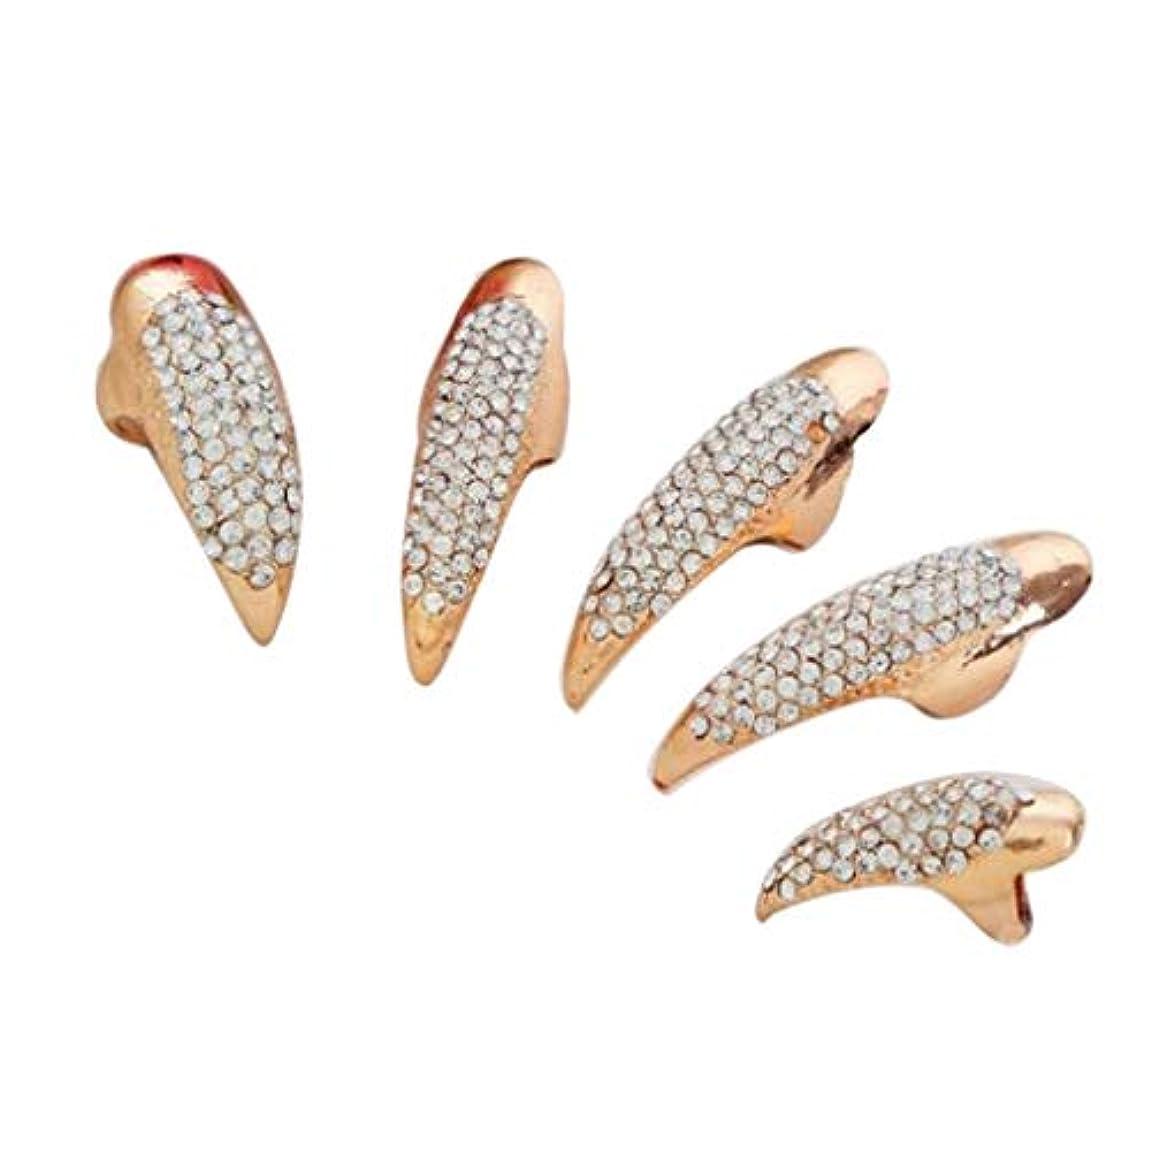 ミシン目未使用でるSharplace 爪リング ネイルチップ ネイルアート 人工の爪 曲げ爪 コスプレ パーティー 2色選べ - ゴールデン